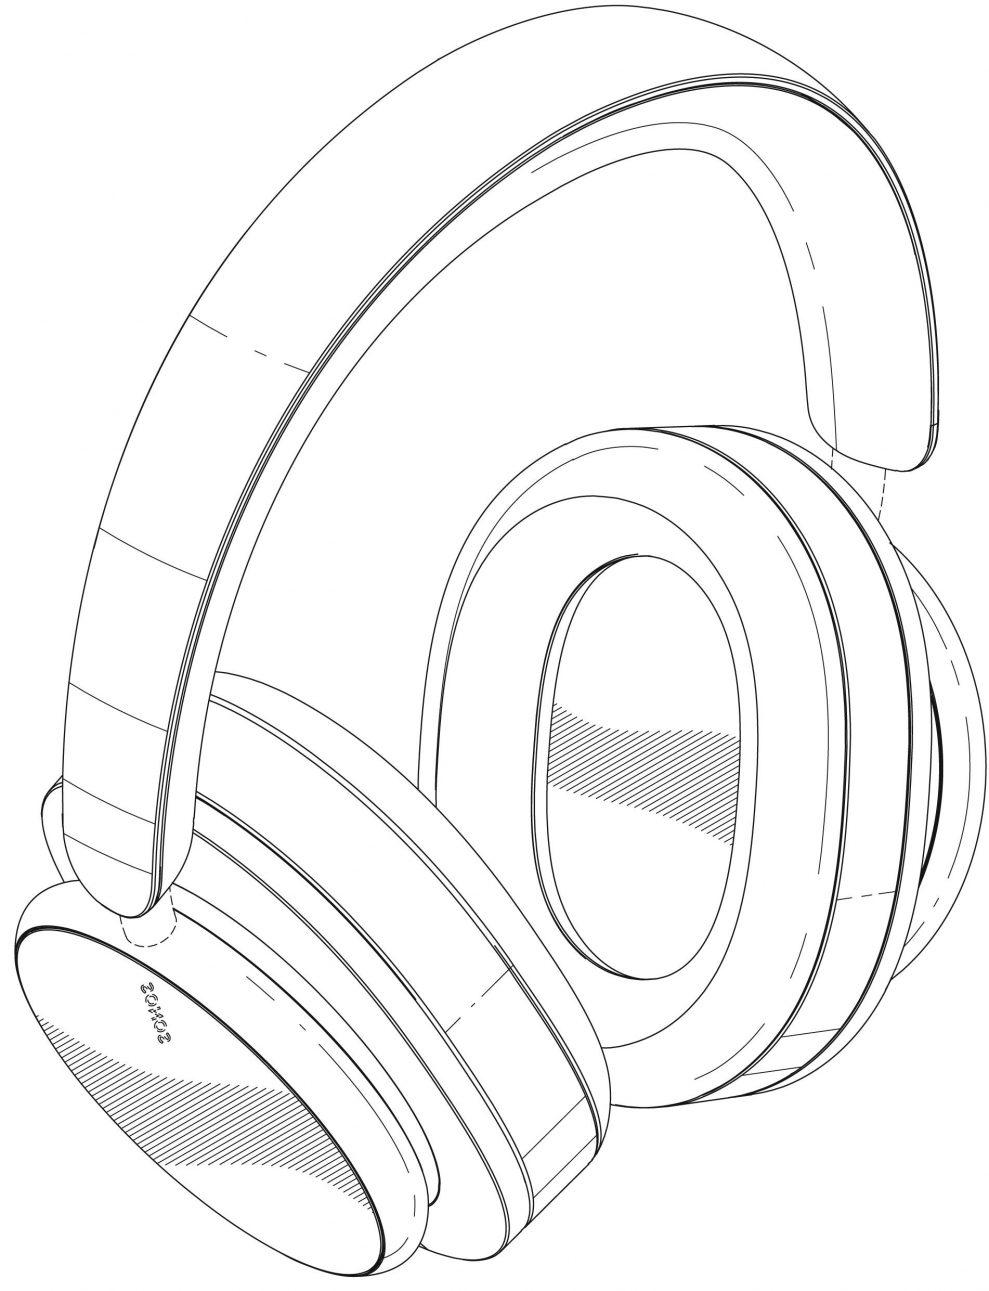 Sonos headphones 1